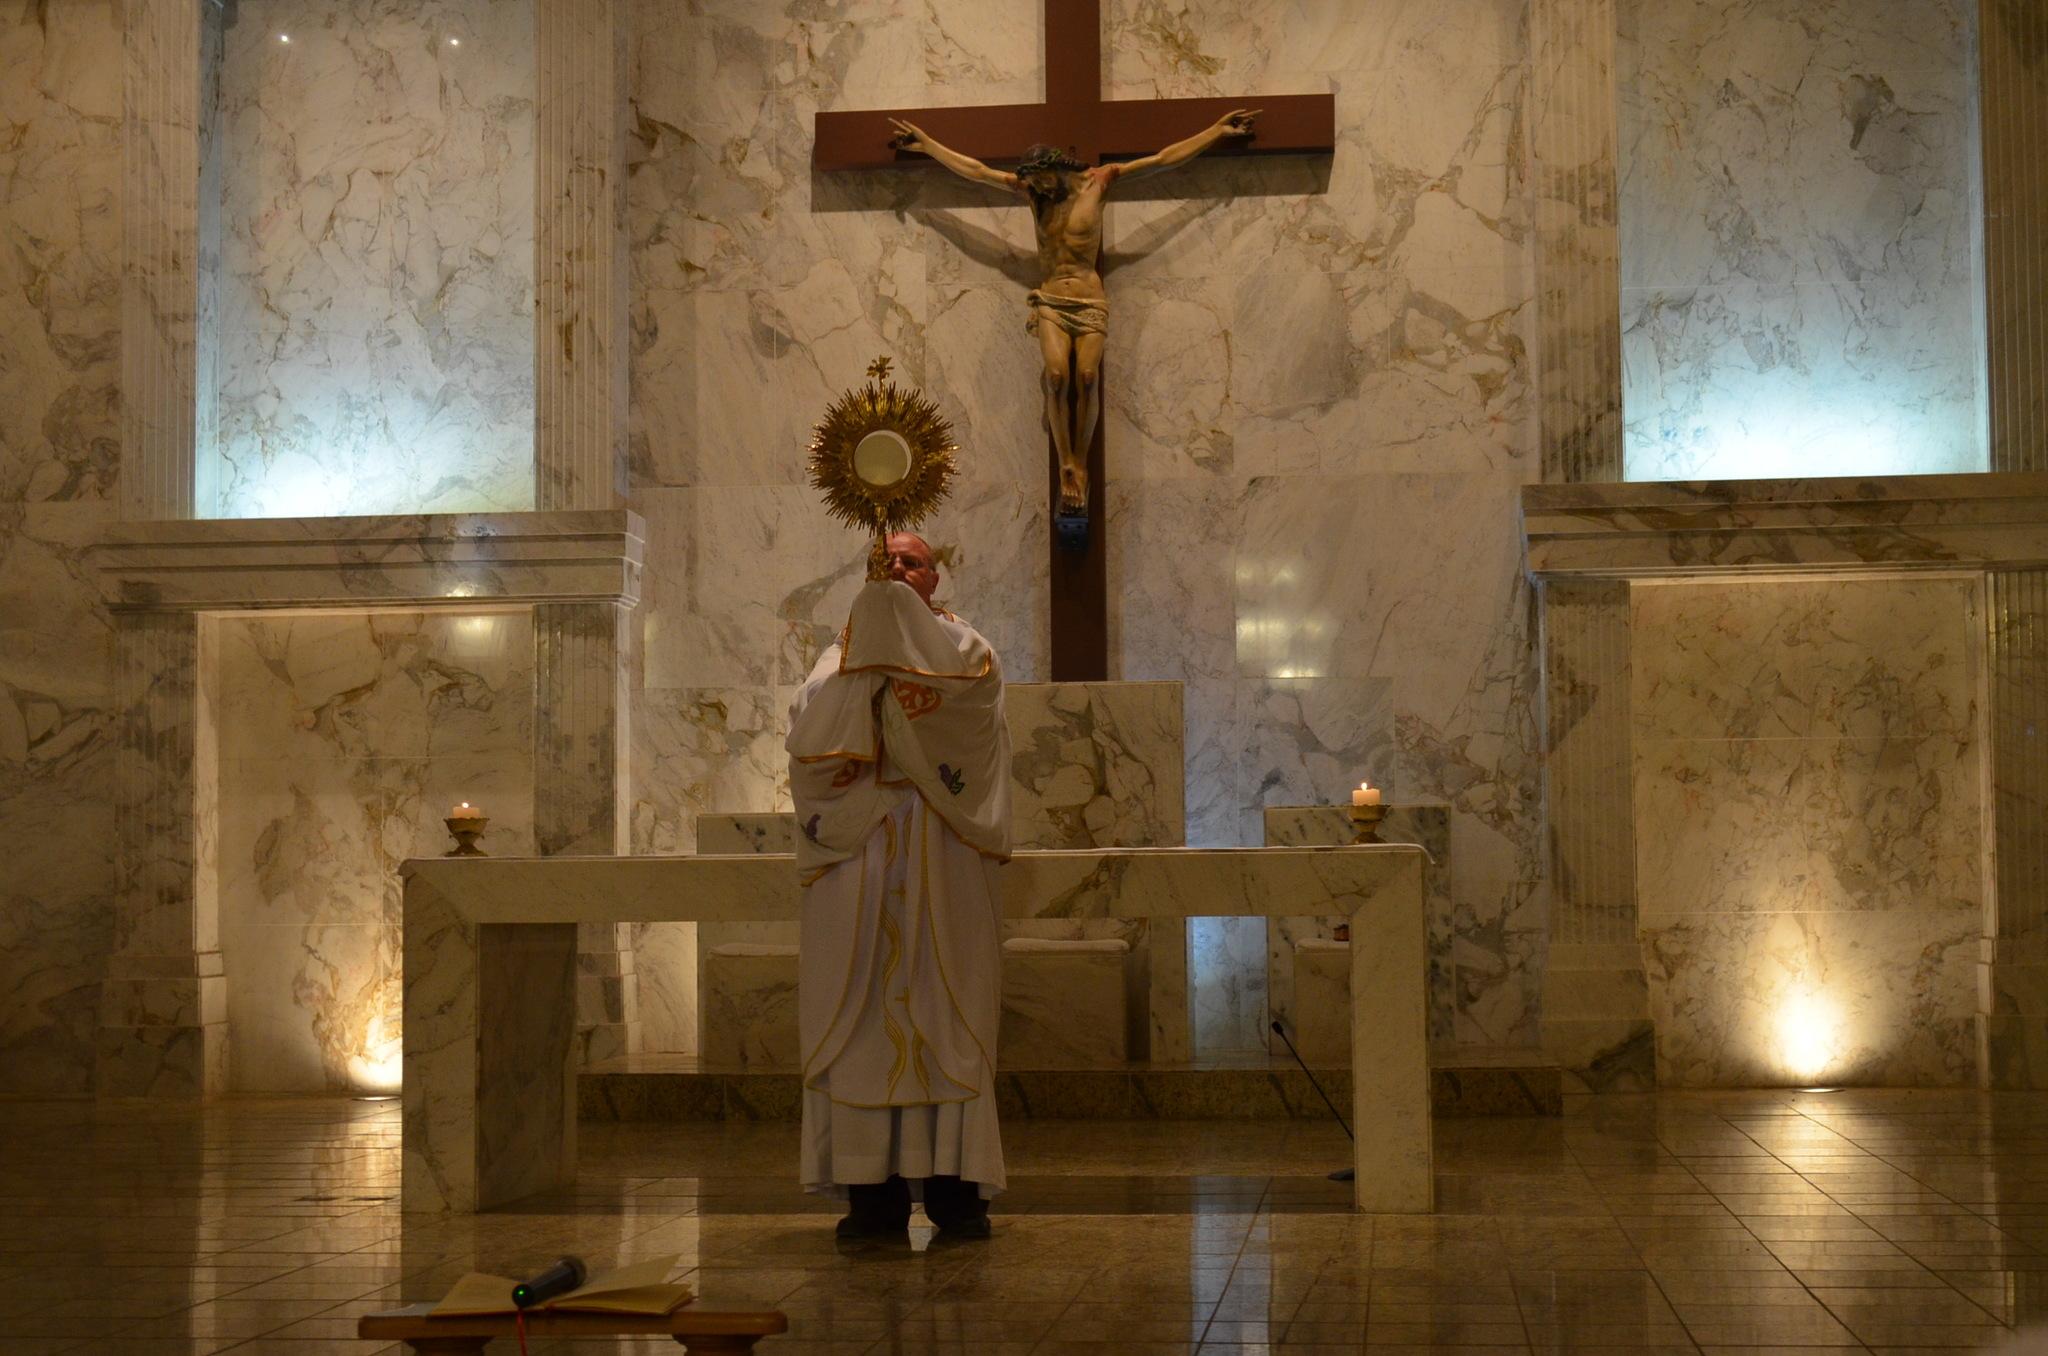 Primeira sexta-feira do mês é marcada com Adoração ao Santíssimo Sacramento